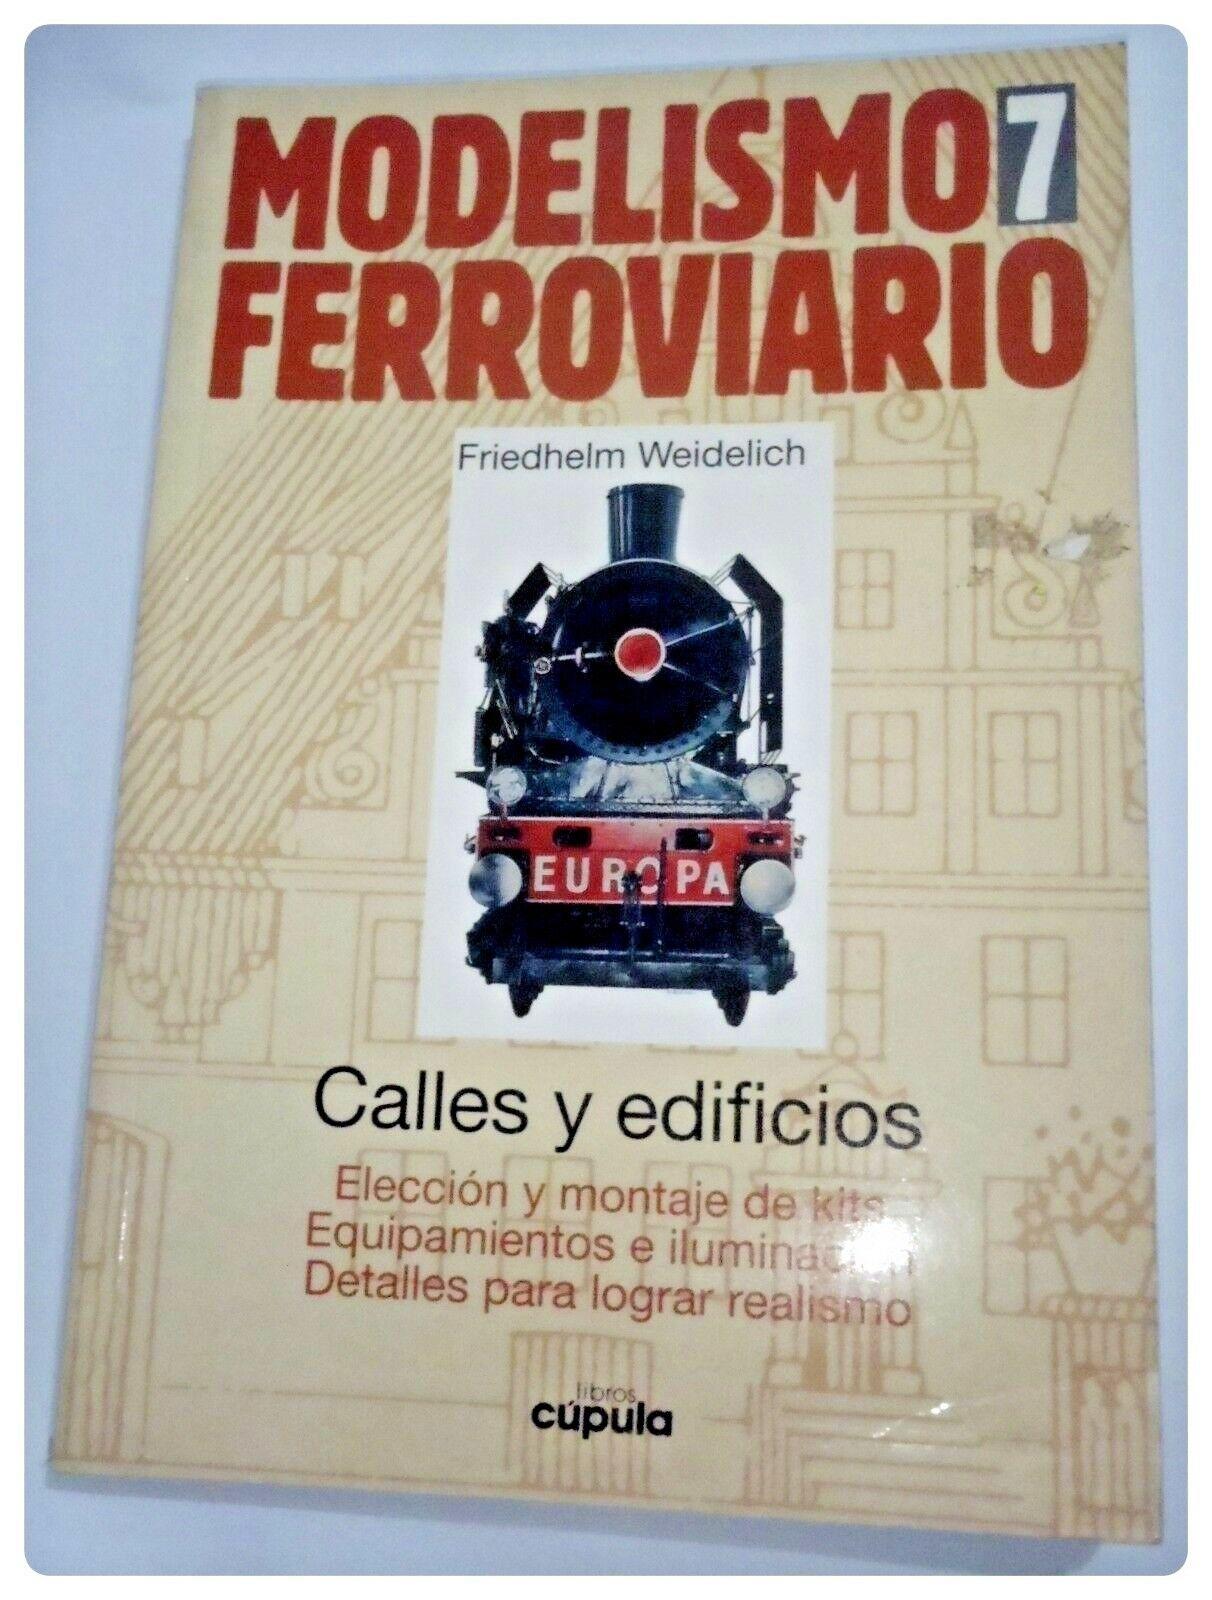 Modelismo ferroviario de nombres de Friedhelm weidelich calles edificios Tren Modelo Español